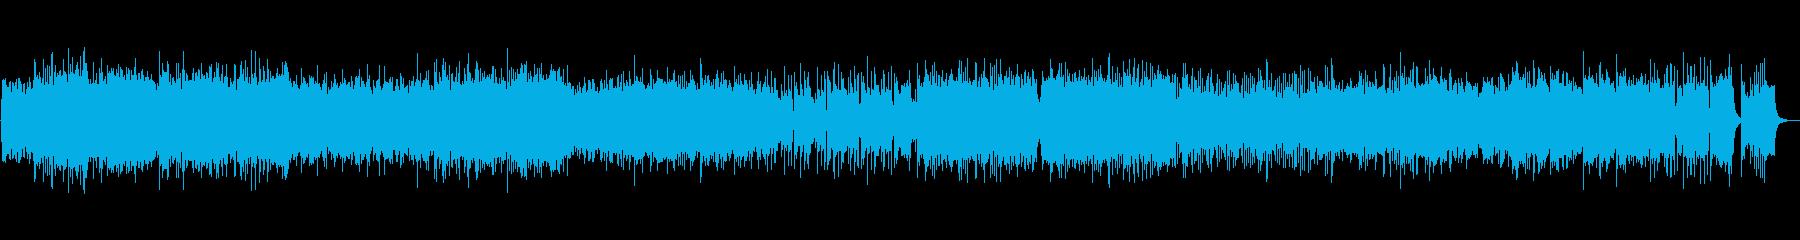 尺八と三味線がメインのフュージョンの再生済みの波形